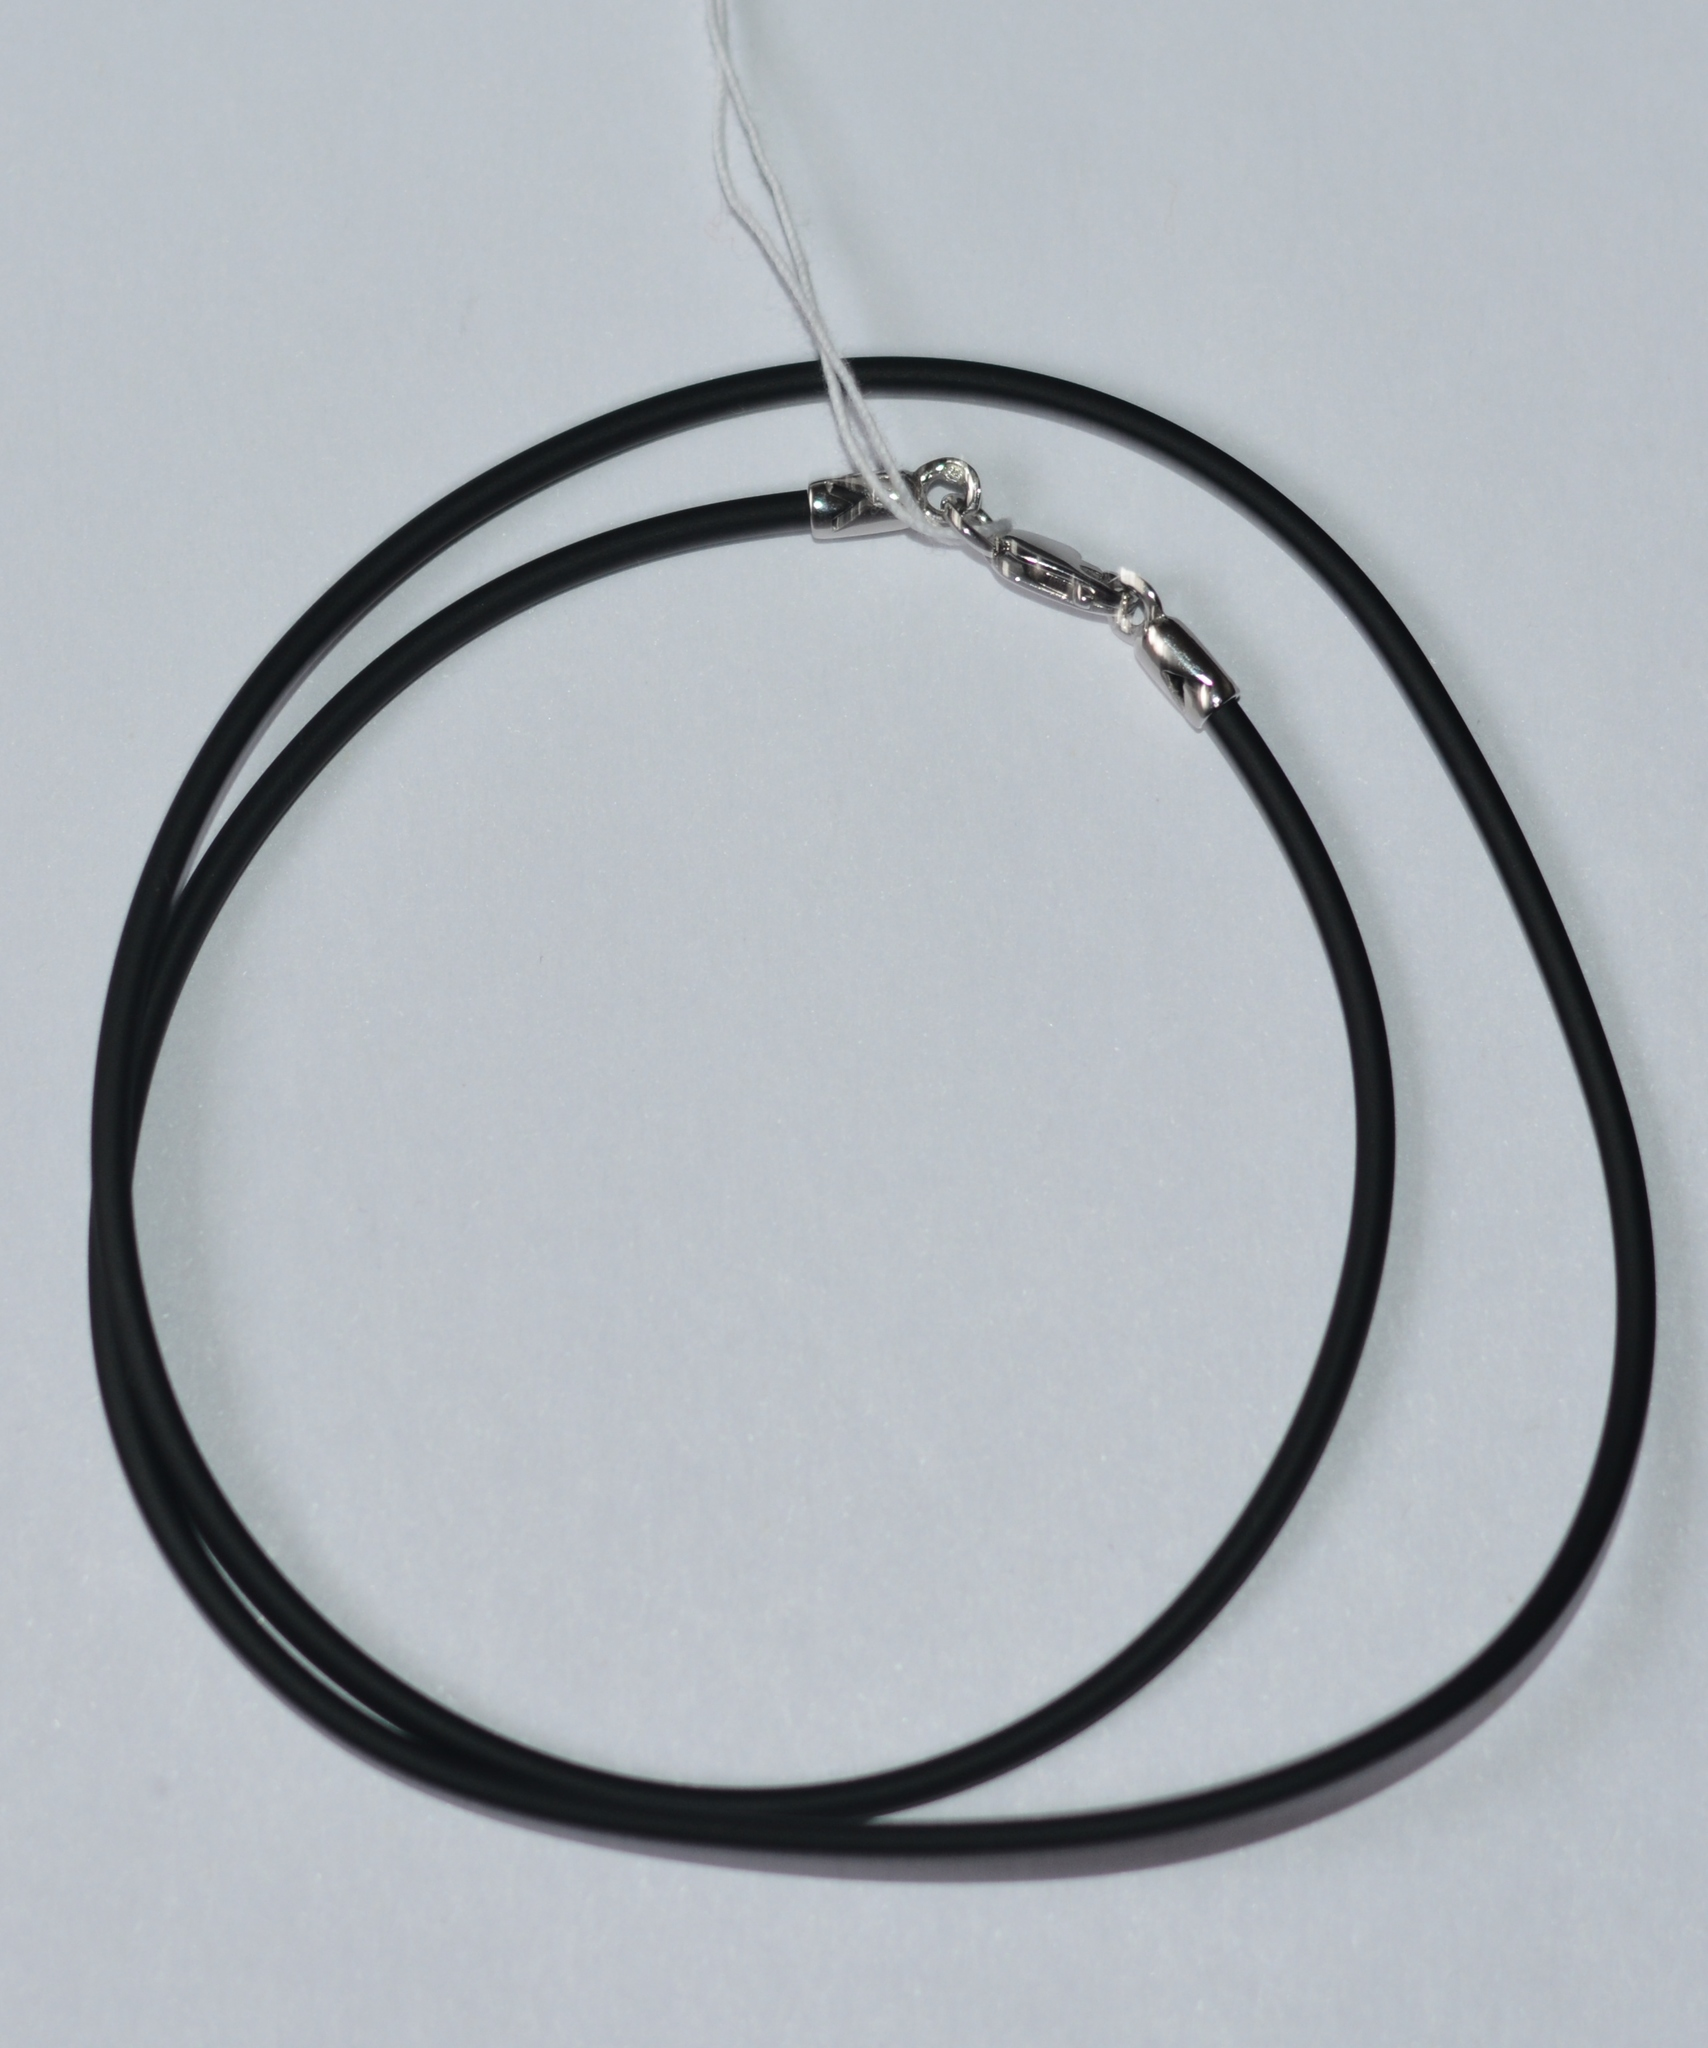 Шнурок из каучука 0,2 см. (с серебряной застежкой).